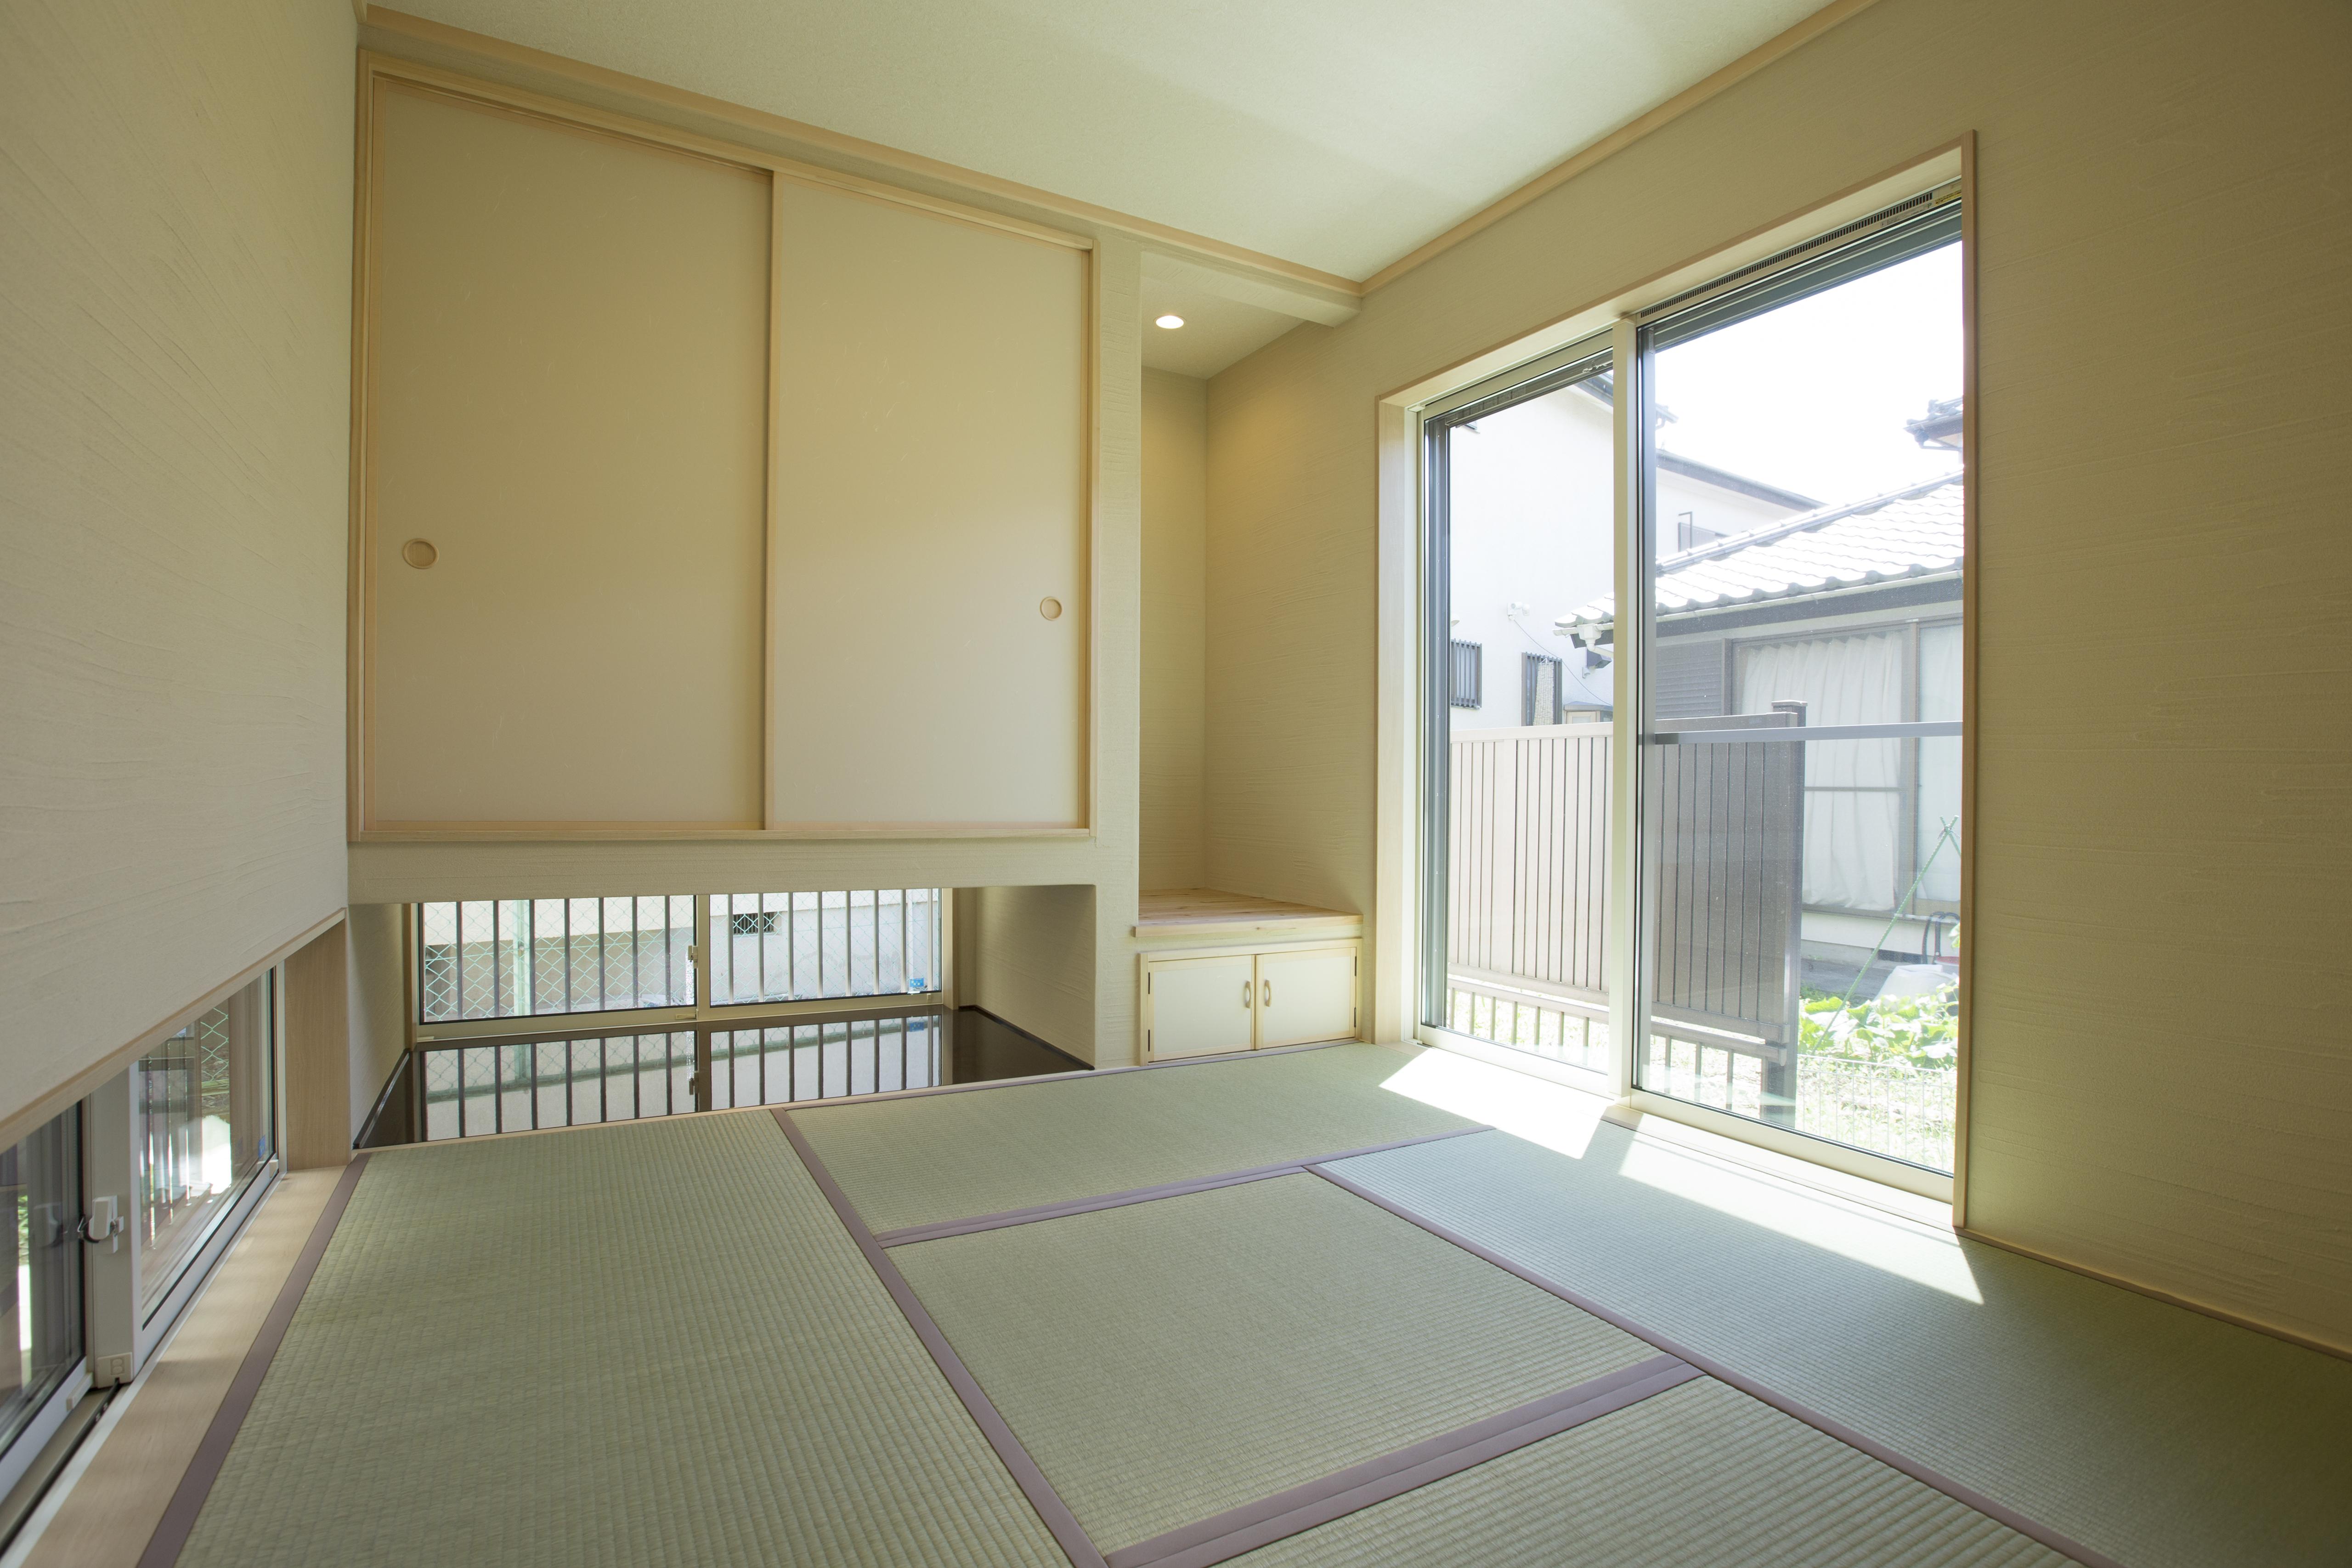 和室。床の間もあり、美しい雰囲気です